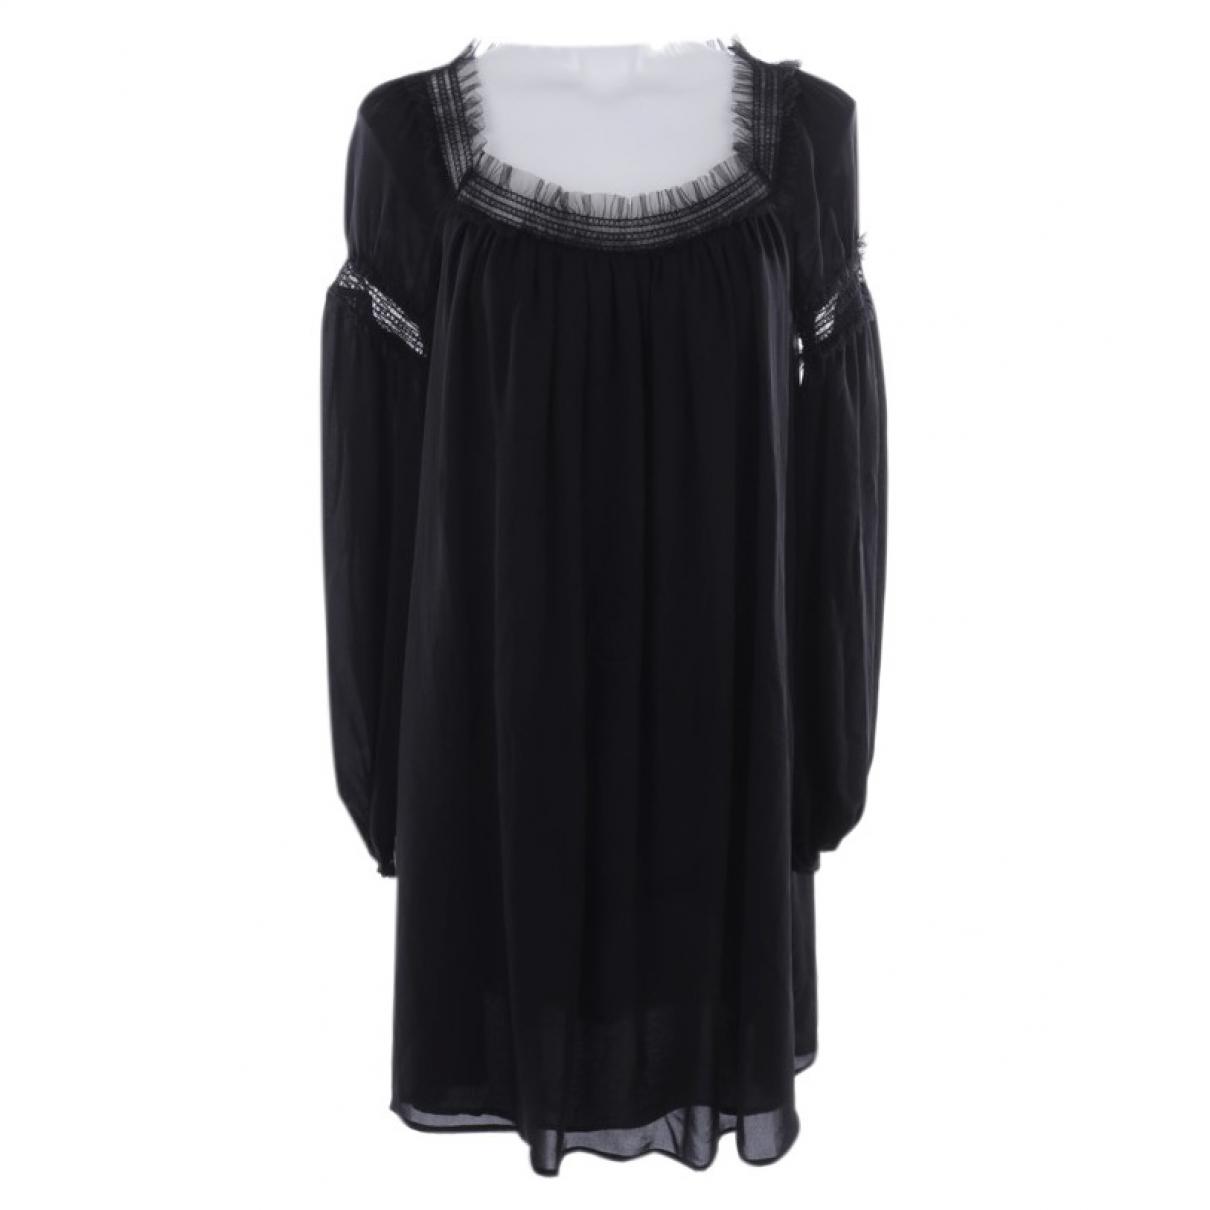 Plein Sud - Robe   pour femme en soie - noir